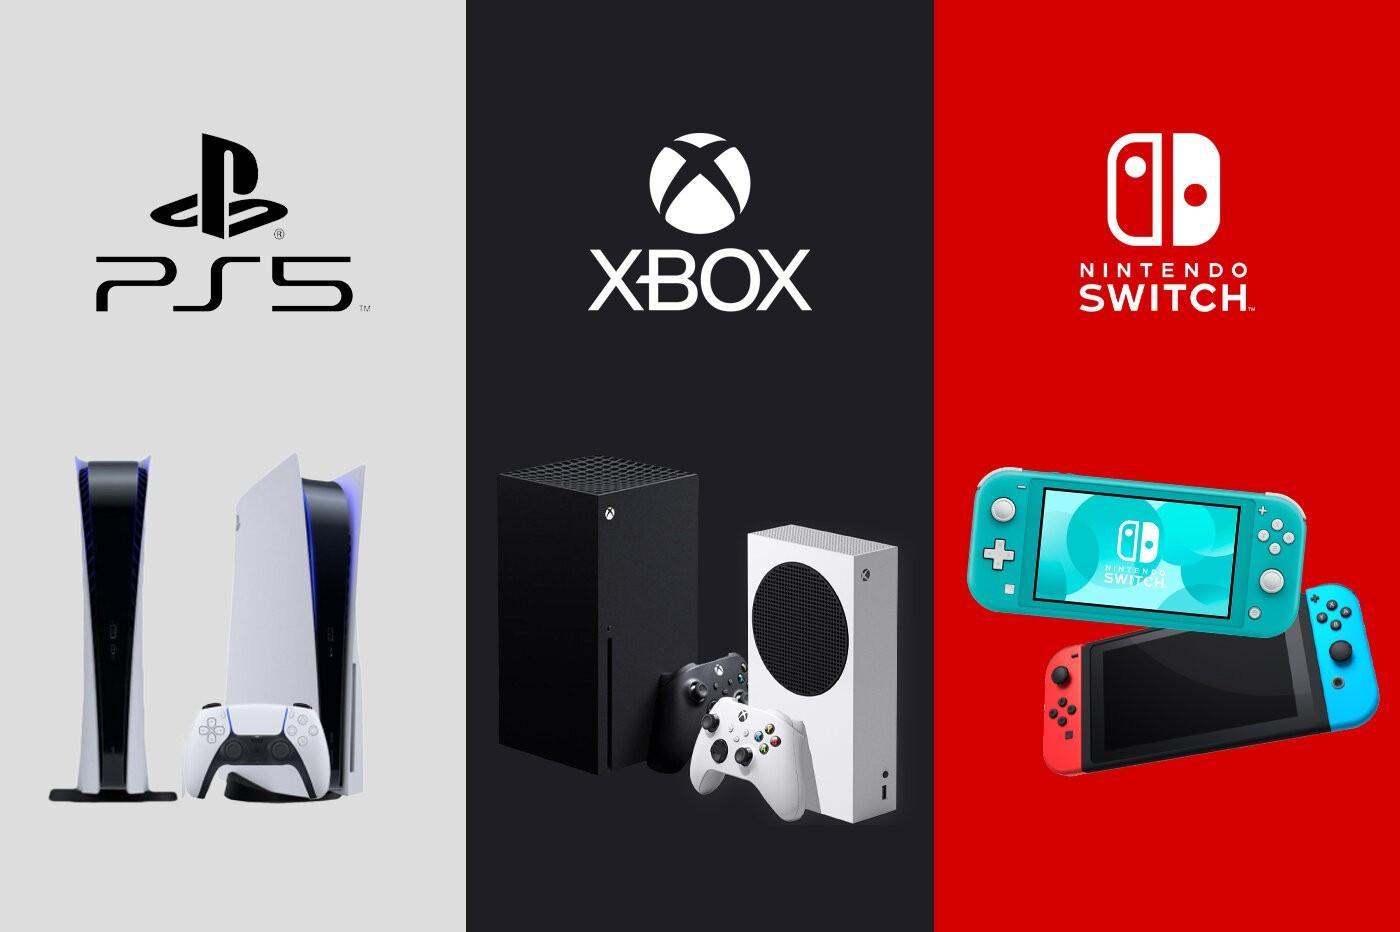 PS5 превзошла по отгрузкам Xbox Series X / S в течение первого квартала 2021 года, ну а Nintendo тихонько смеётся в стороне 2